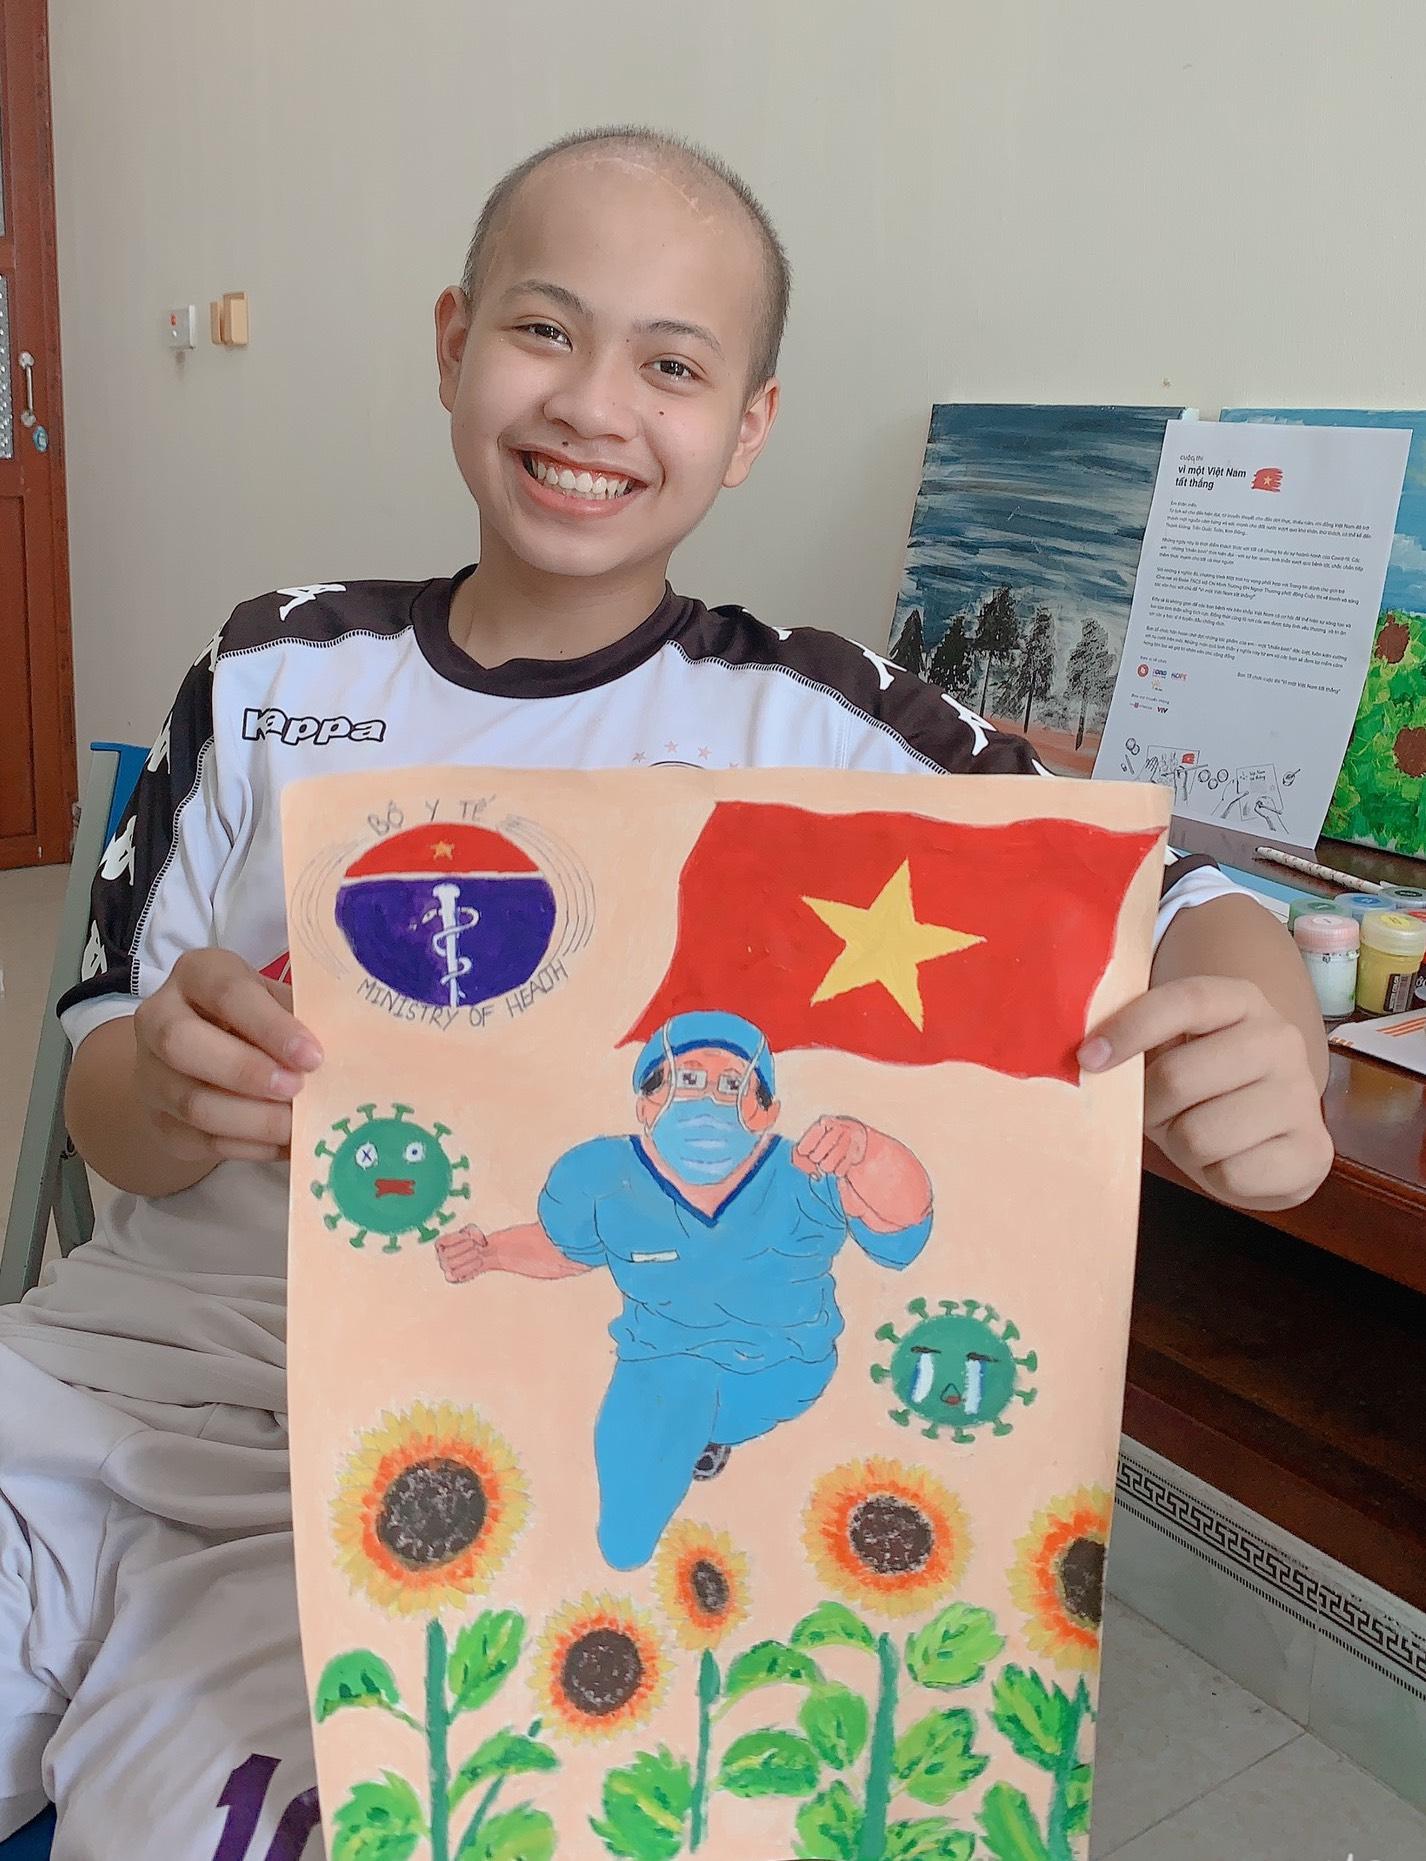 45 giải thưởng tại cuộc thi Vì một Việt Nam tất thắng